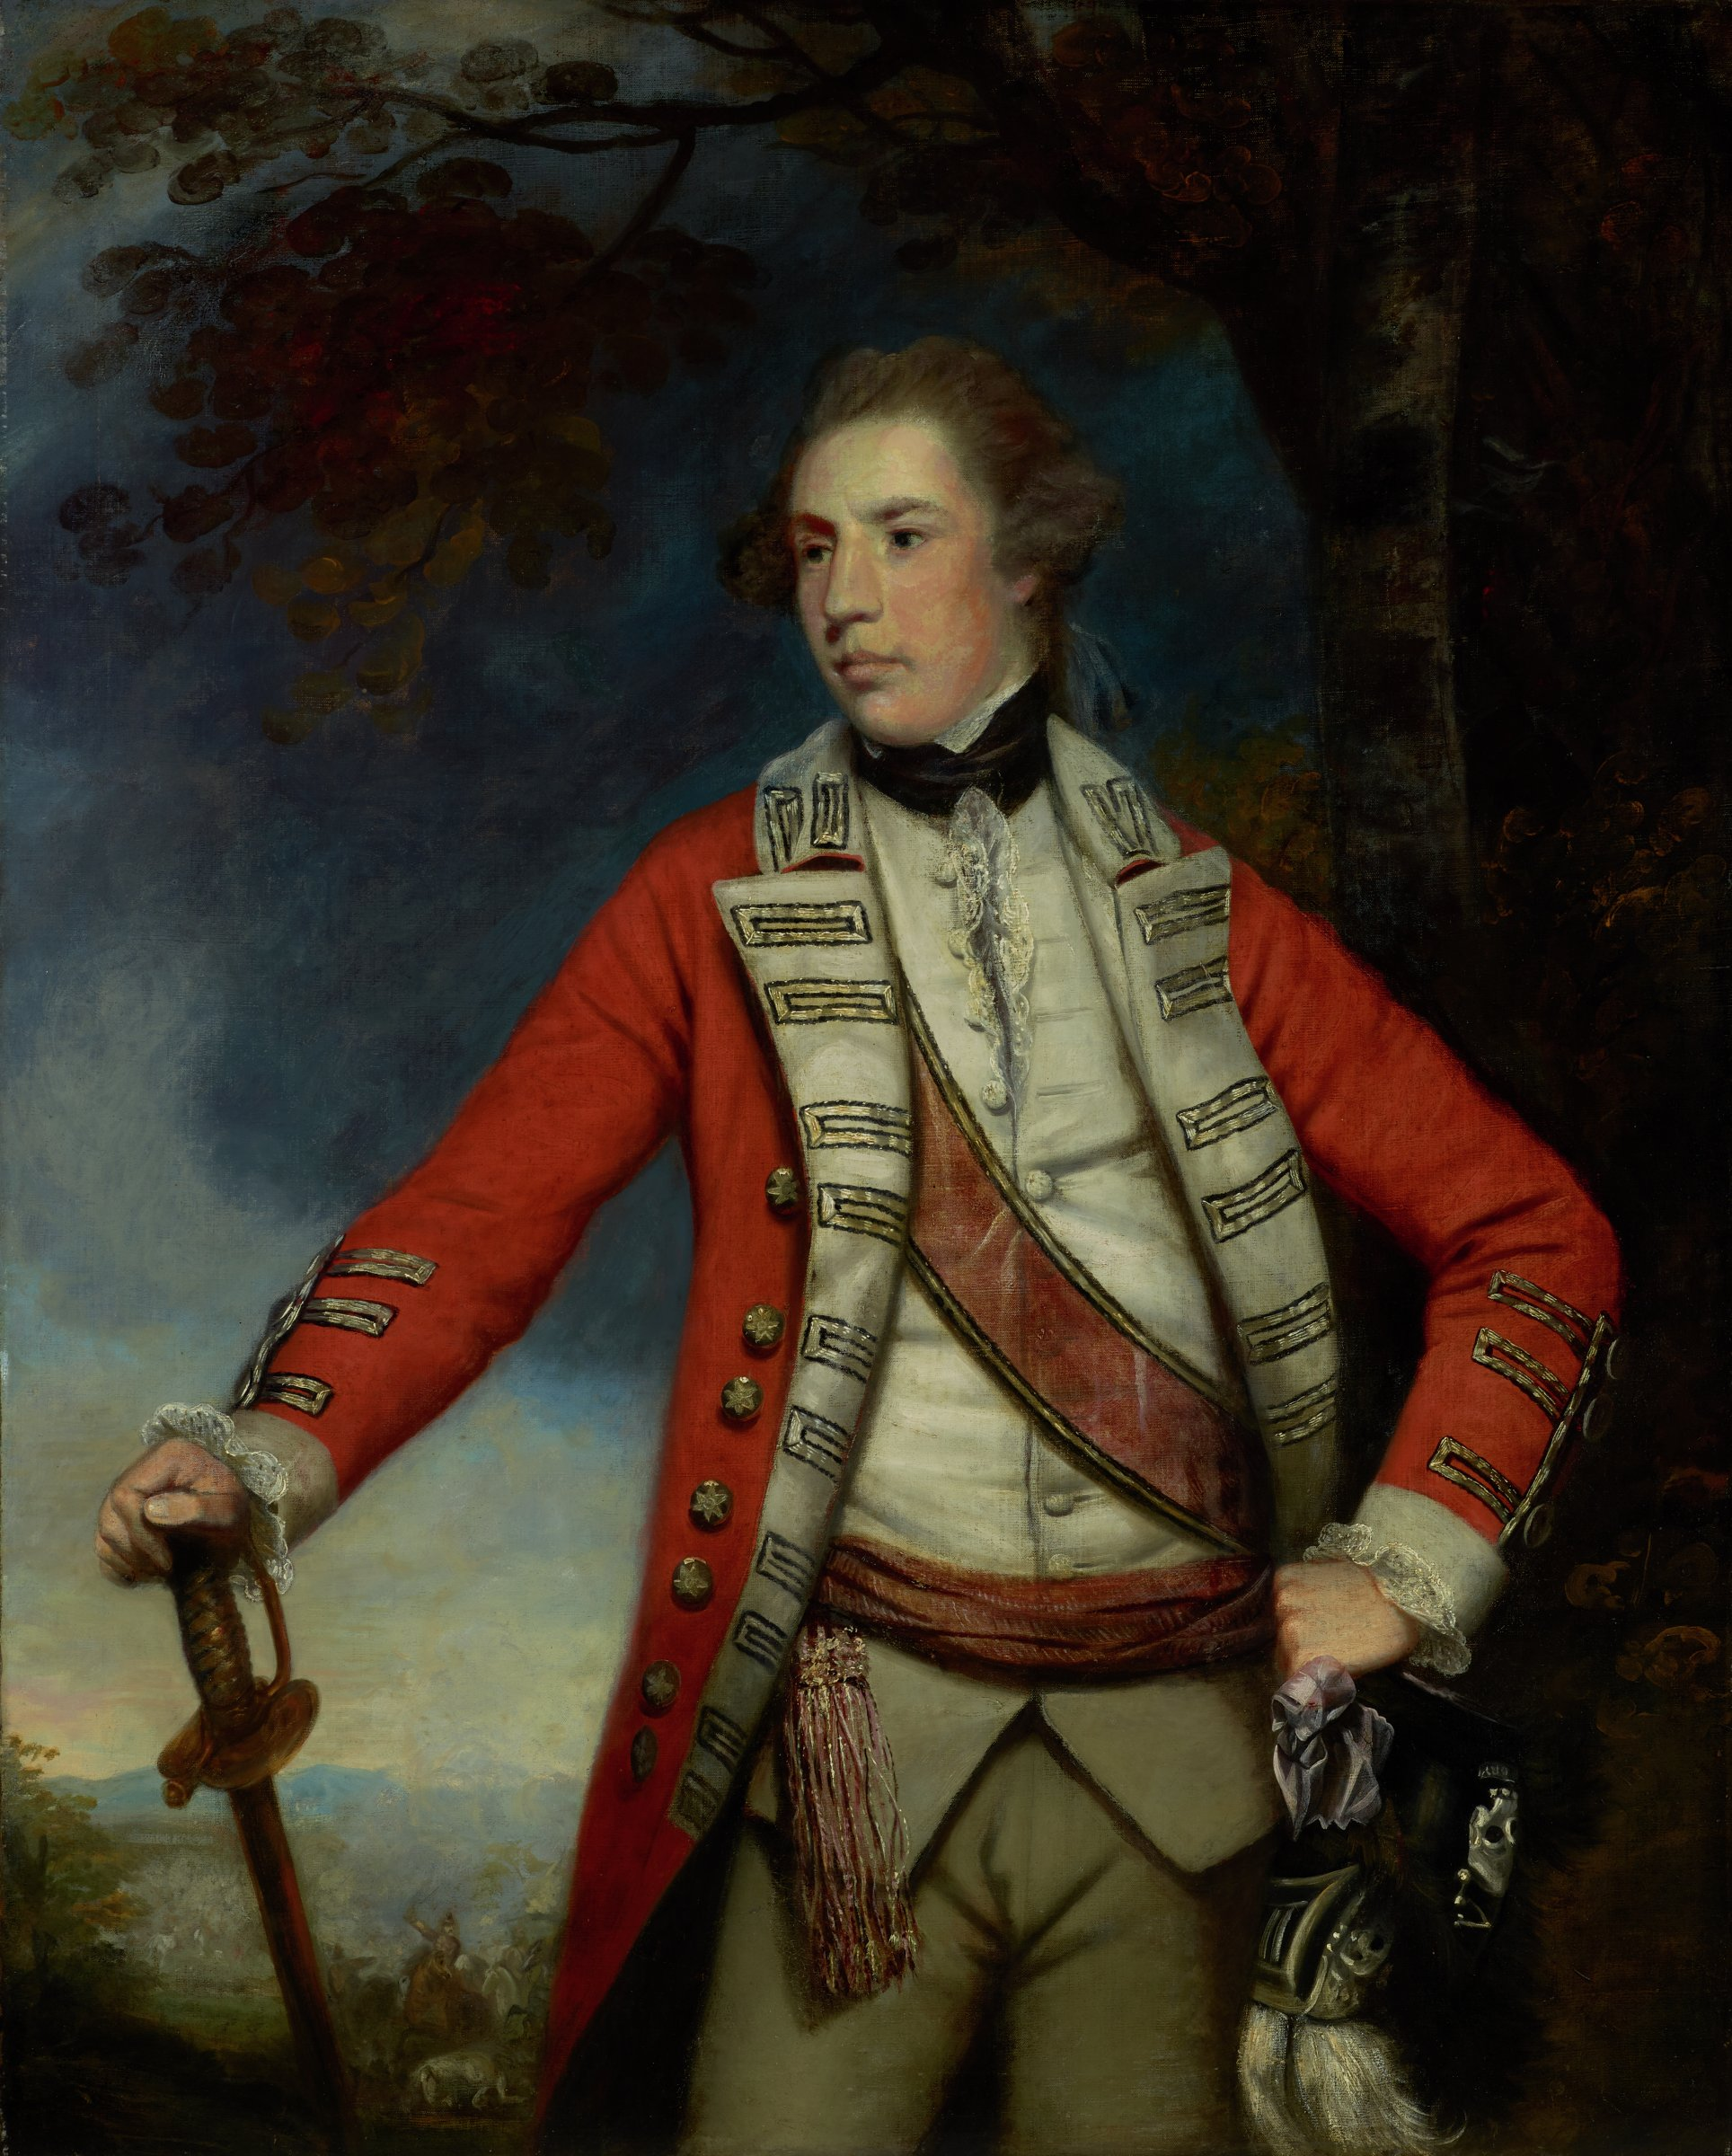 Captain Arthur Blake, Sir Joshua Reynolds, oil on canvas